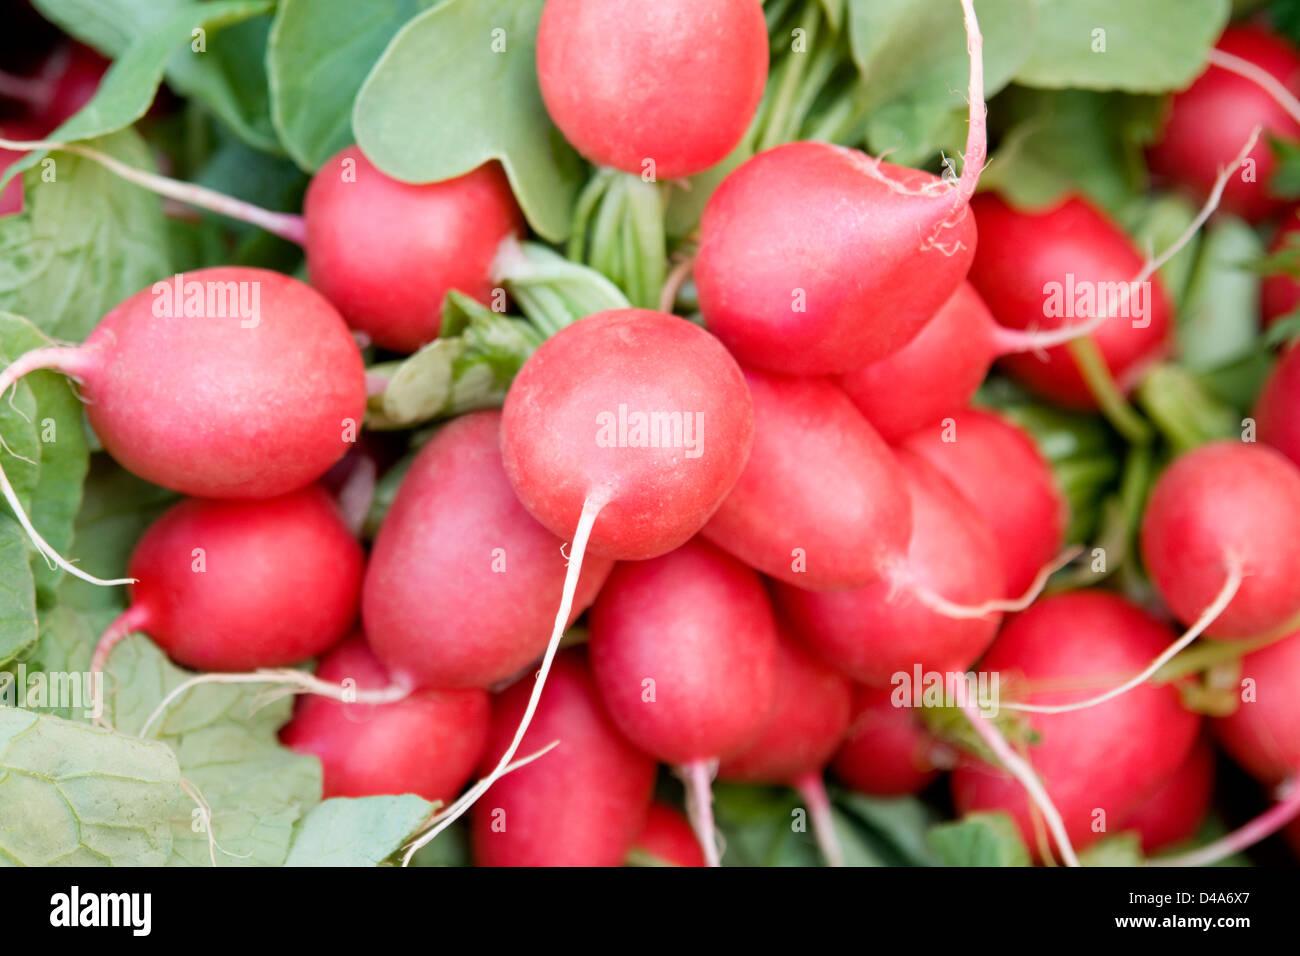 Fond plein cadre avec beaucoup de matières premières et quelques feuilles de radis frais Photo Stock